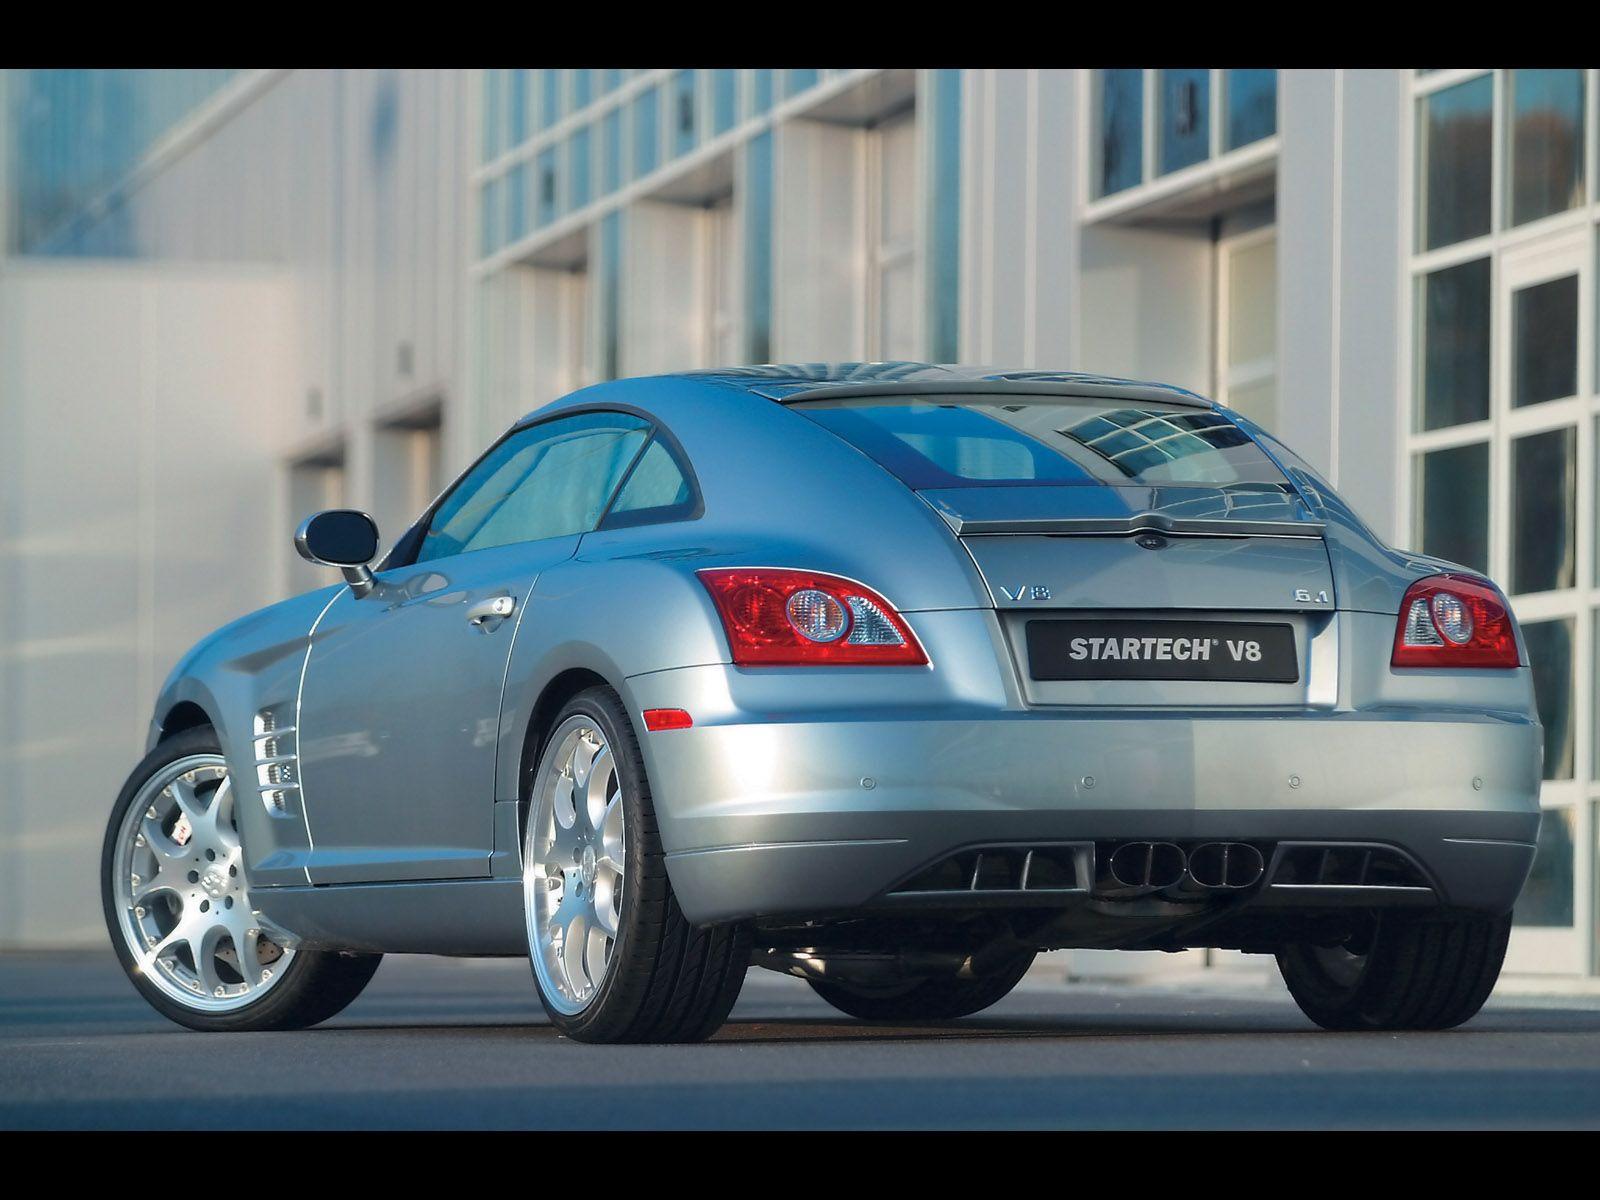 2005 Startech Chrysler Crossfire Coupe V8 6 1 Rear Angle